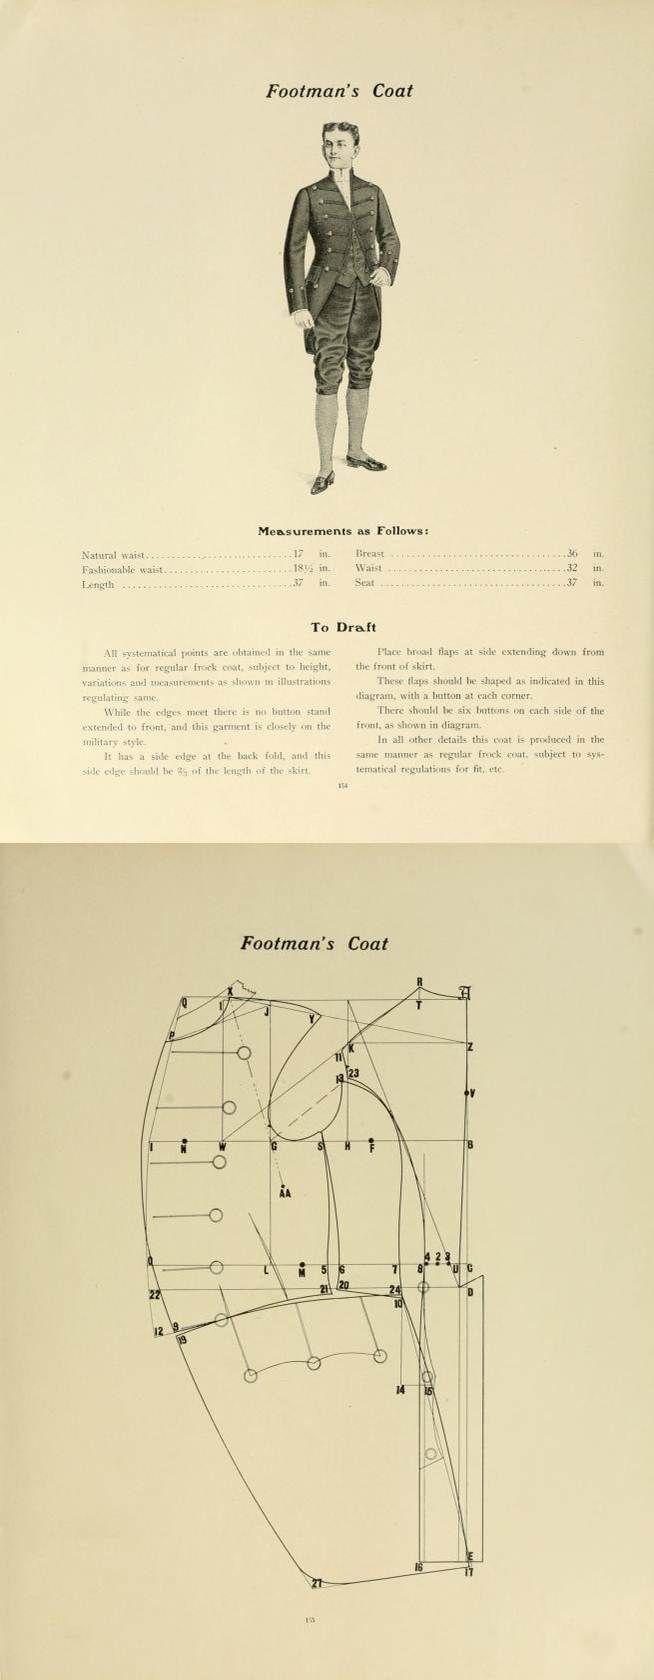 1907 footman's coat pattern